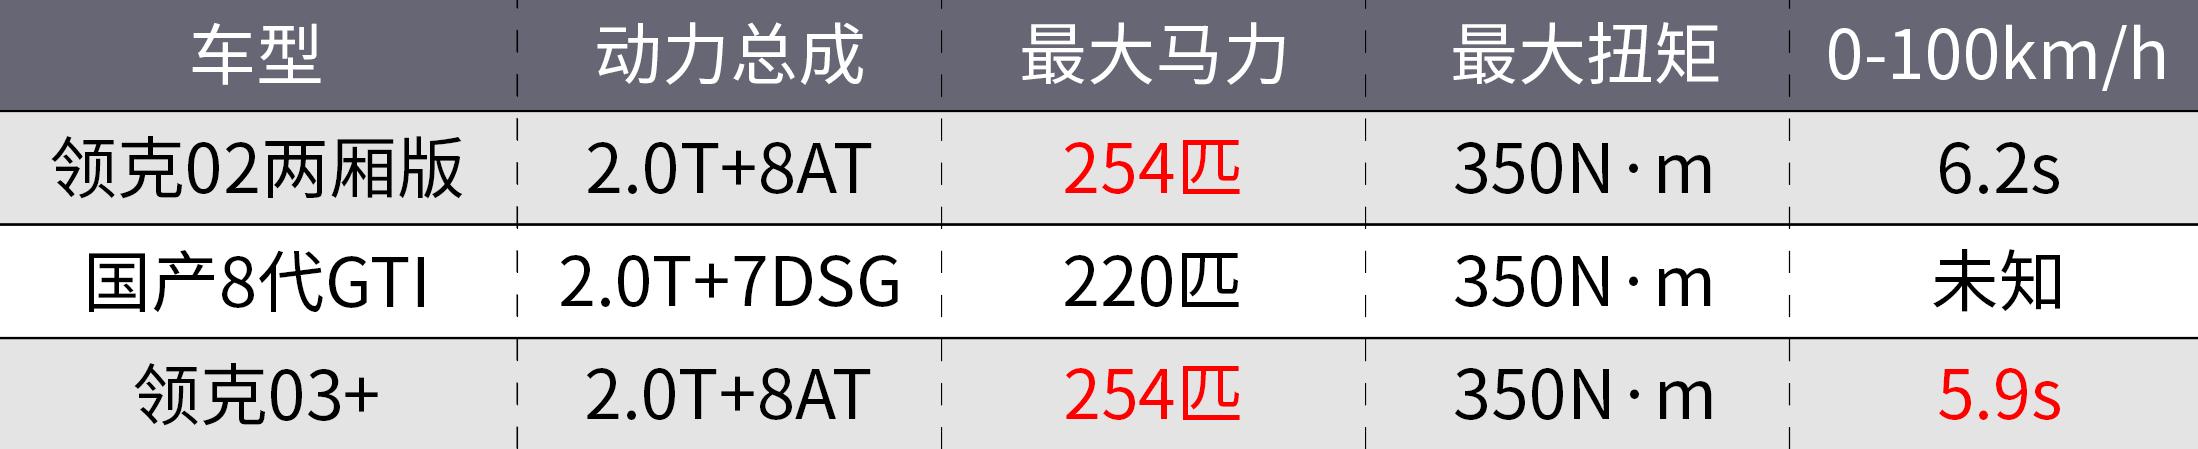 领克02两厢高性能版发布!还买啥GTI?